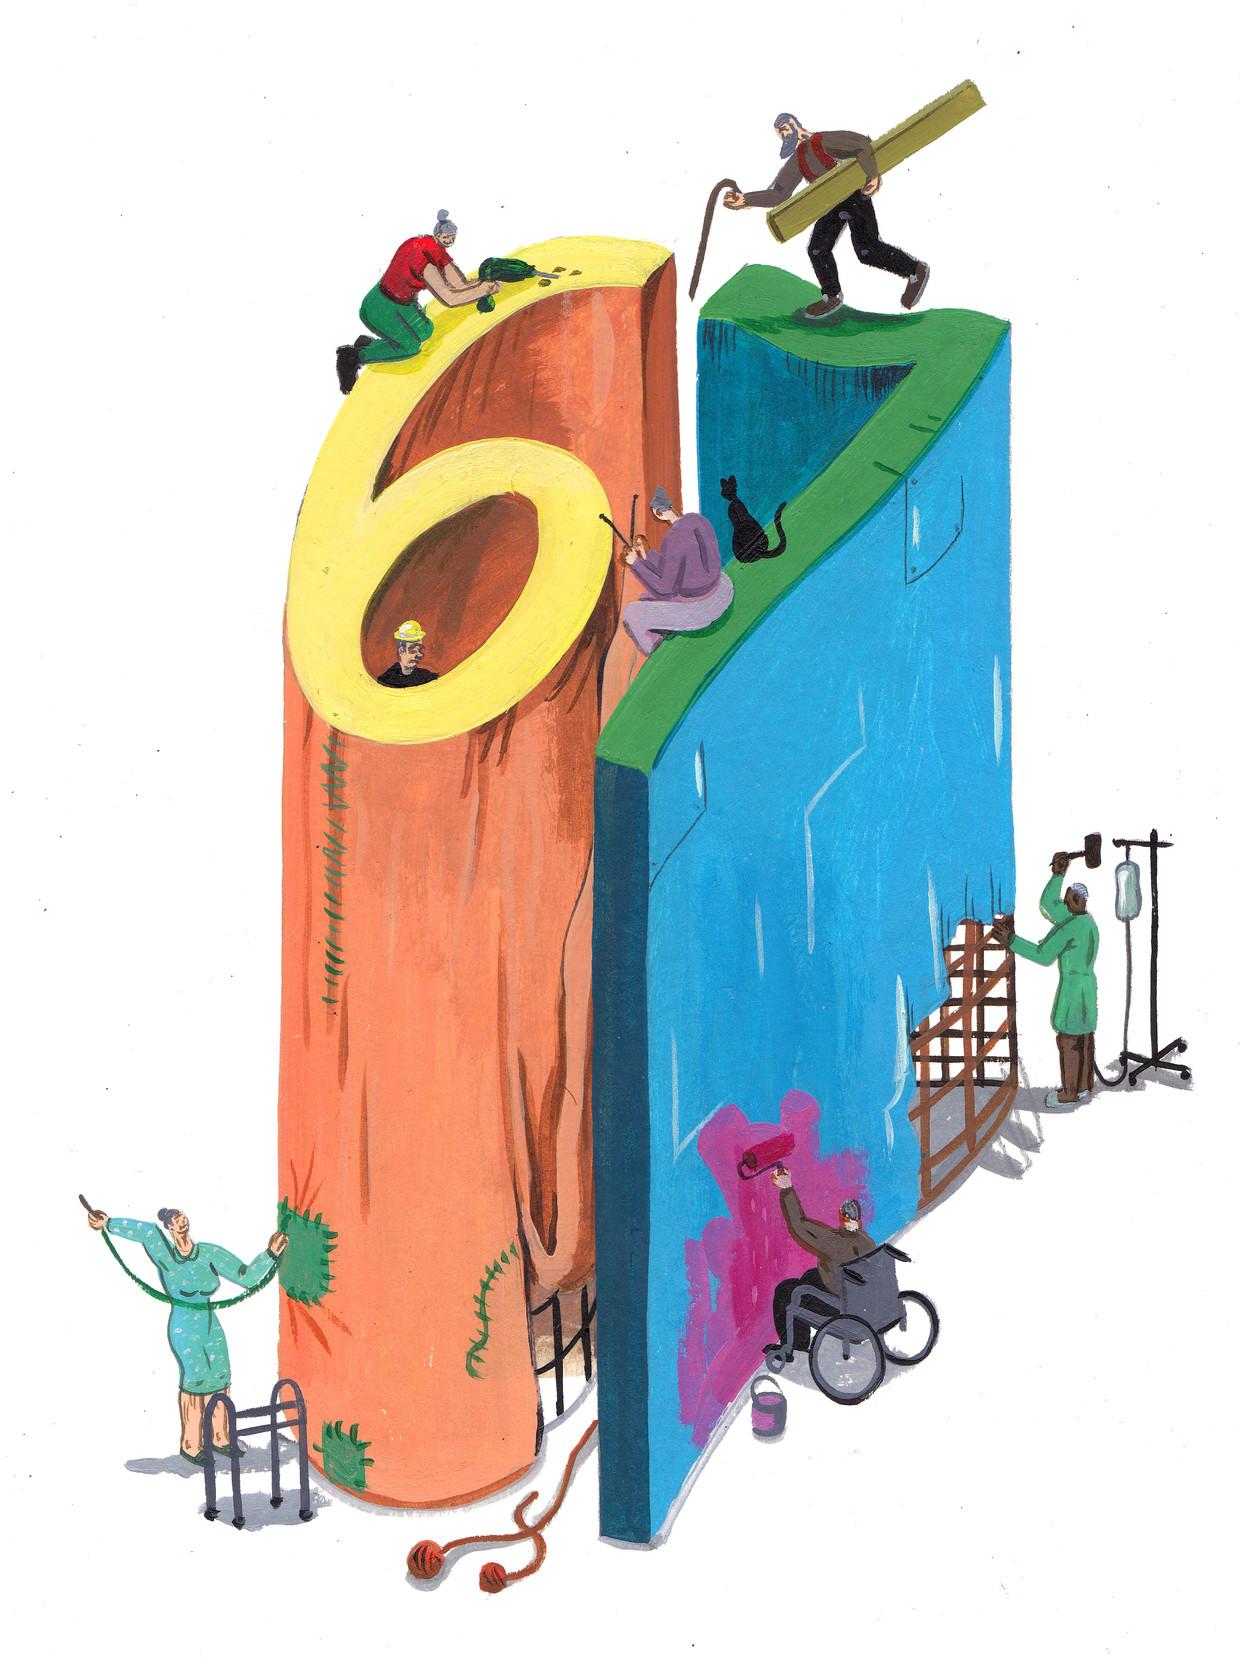 De pensioenleeftijd van 67 zou niet langer houdbaar zijn.'De logica der dingen en budgettair de enige optie', zegt professor Stijn Baert (UGent). Beeld brecht vandenbroucke